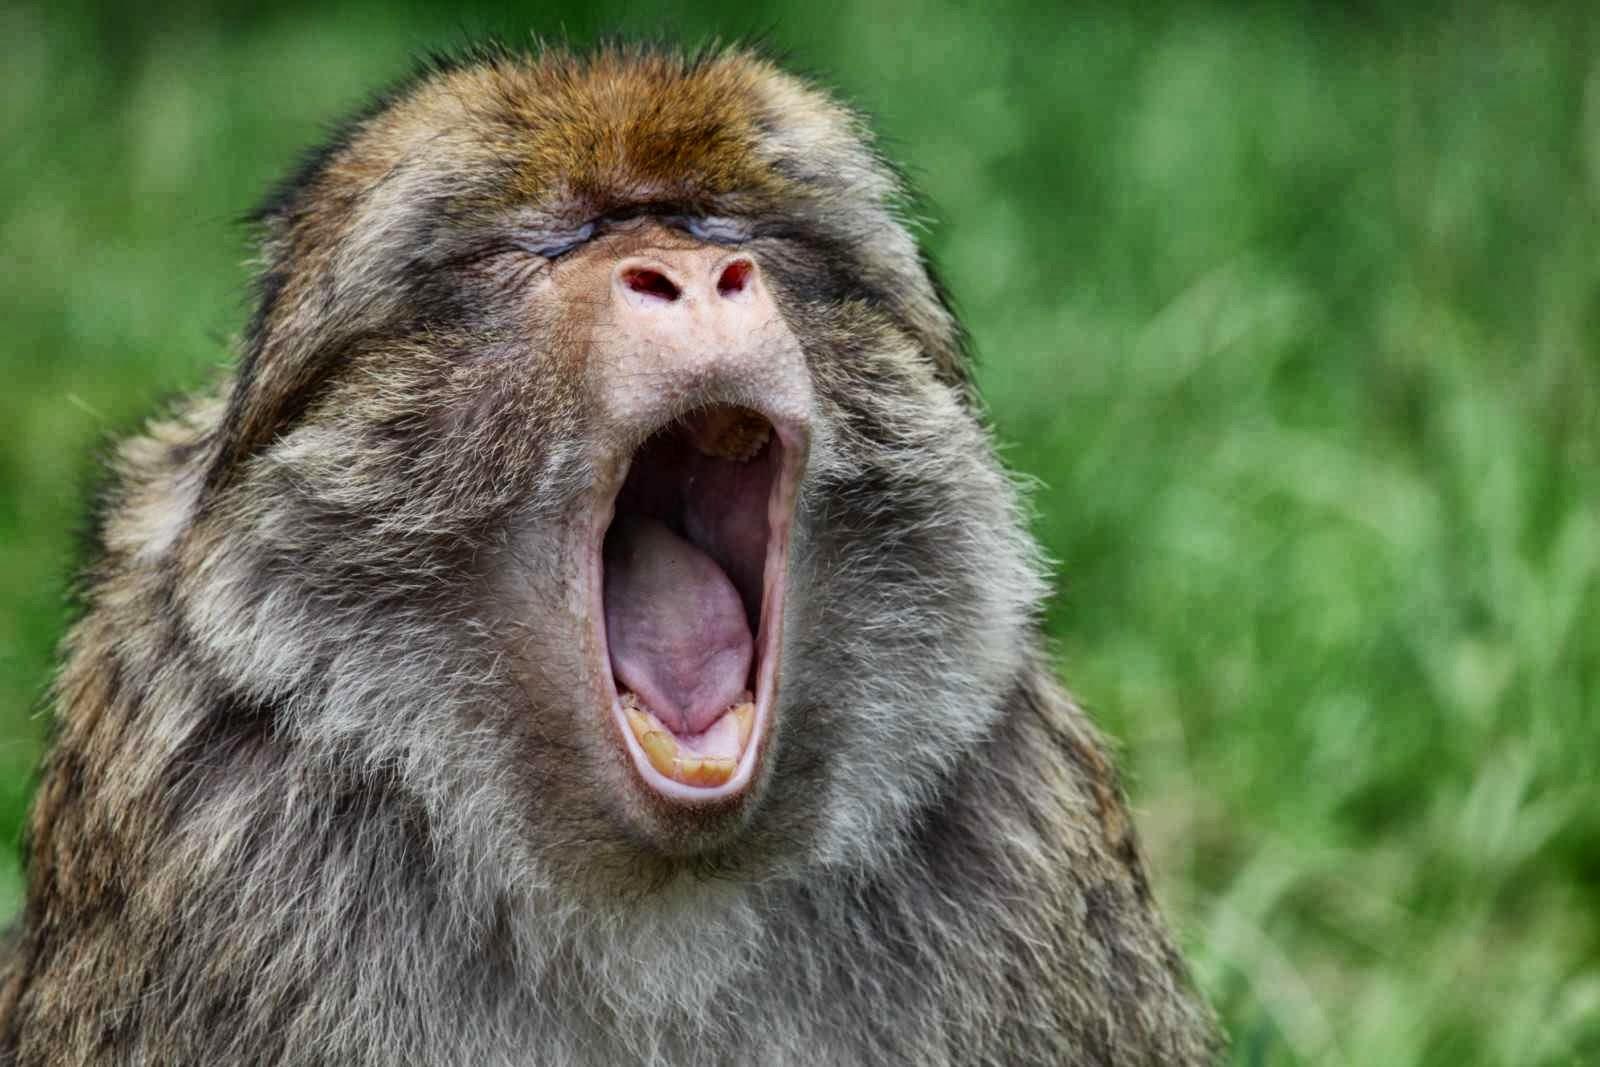 размещенные фото зевающих животных объявление отдыхе